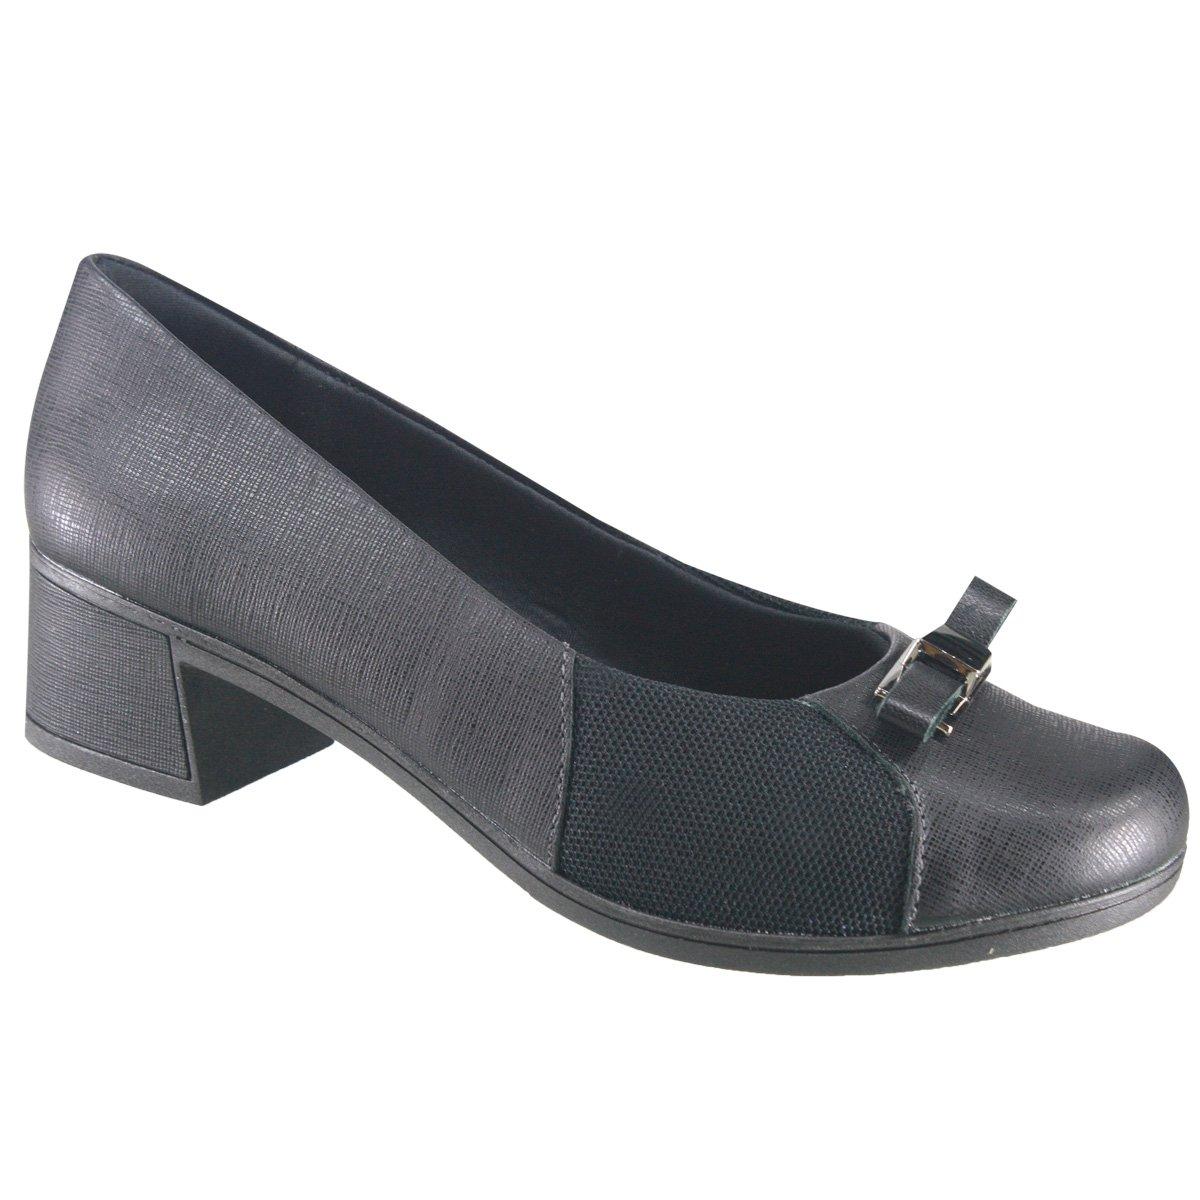 b9142d32c Sapato Usaflex Care Joanetes V8408/01 - Preto (Safiano) - Calçados ...